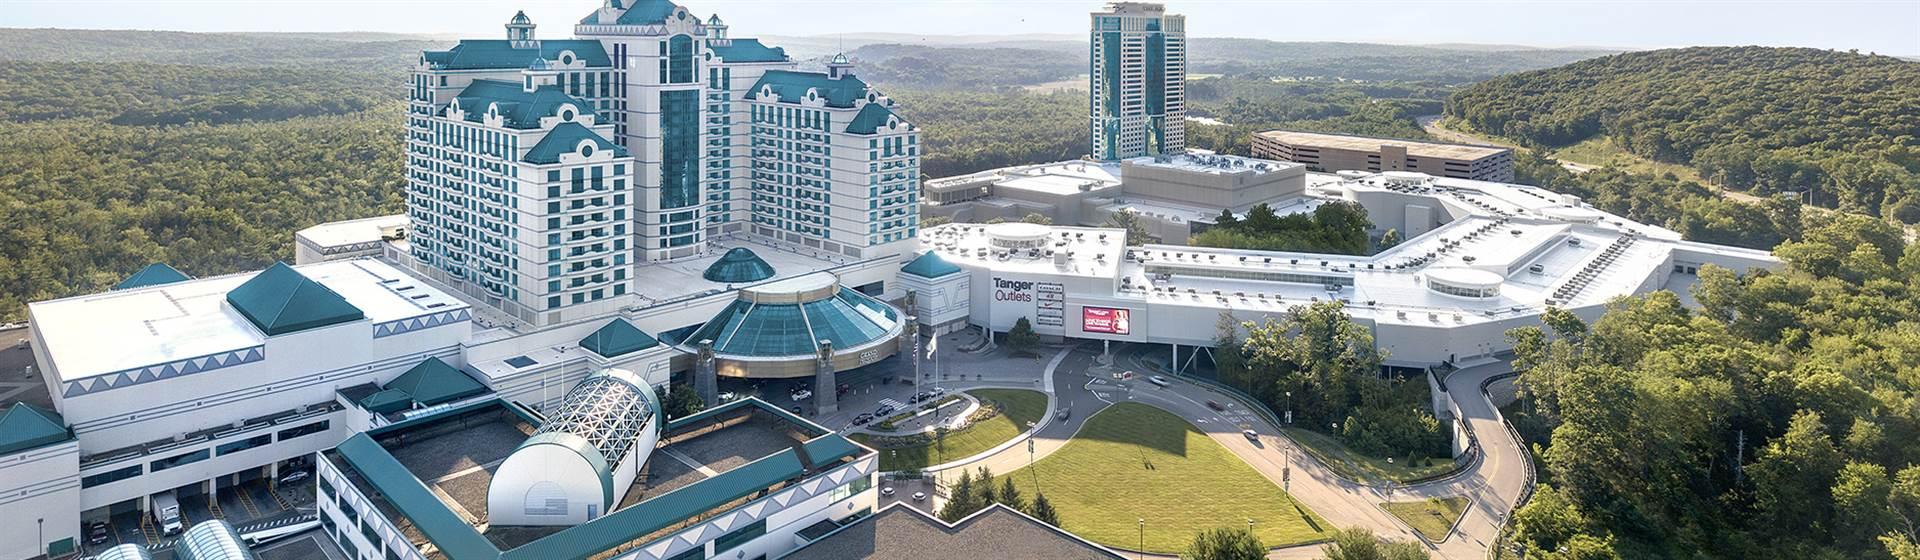 Foxwoods Resort Casino (3-Day/2Night, Fox Tower)